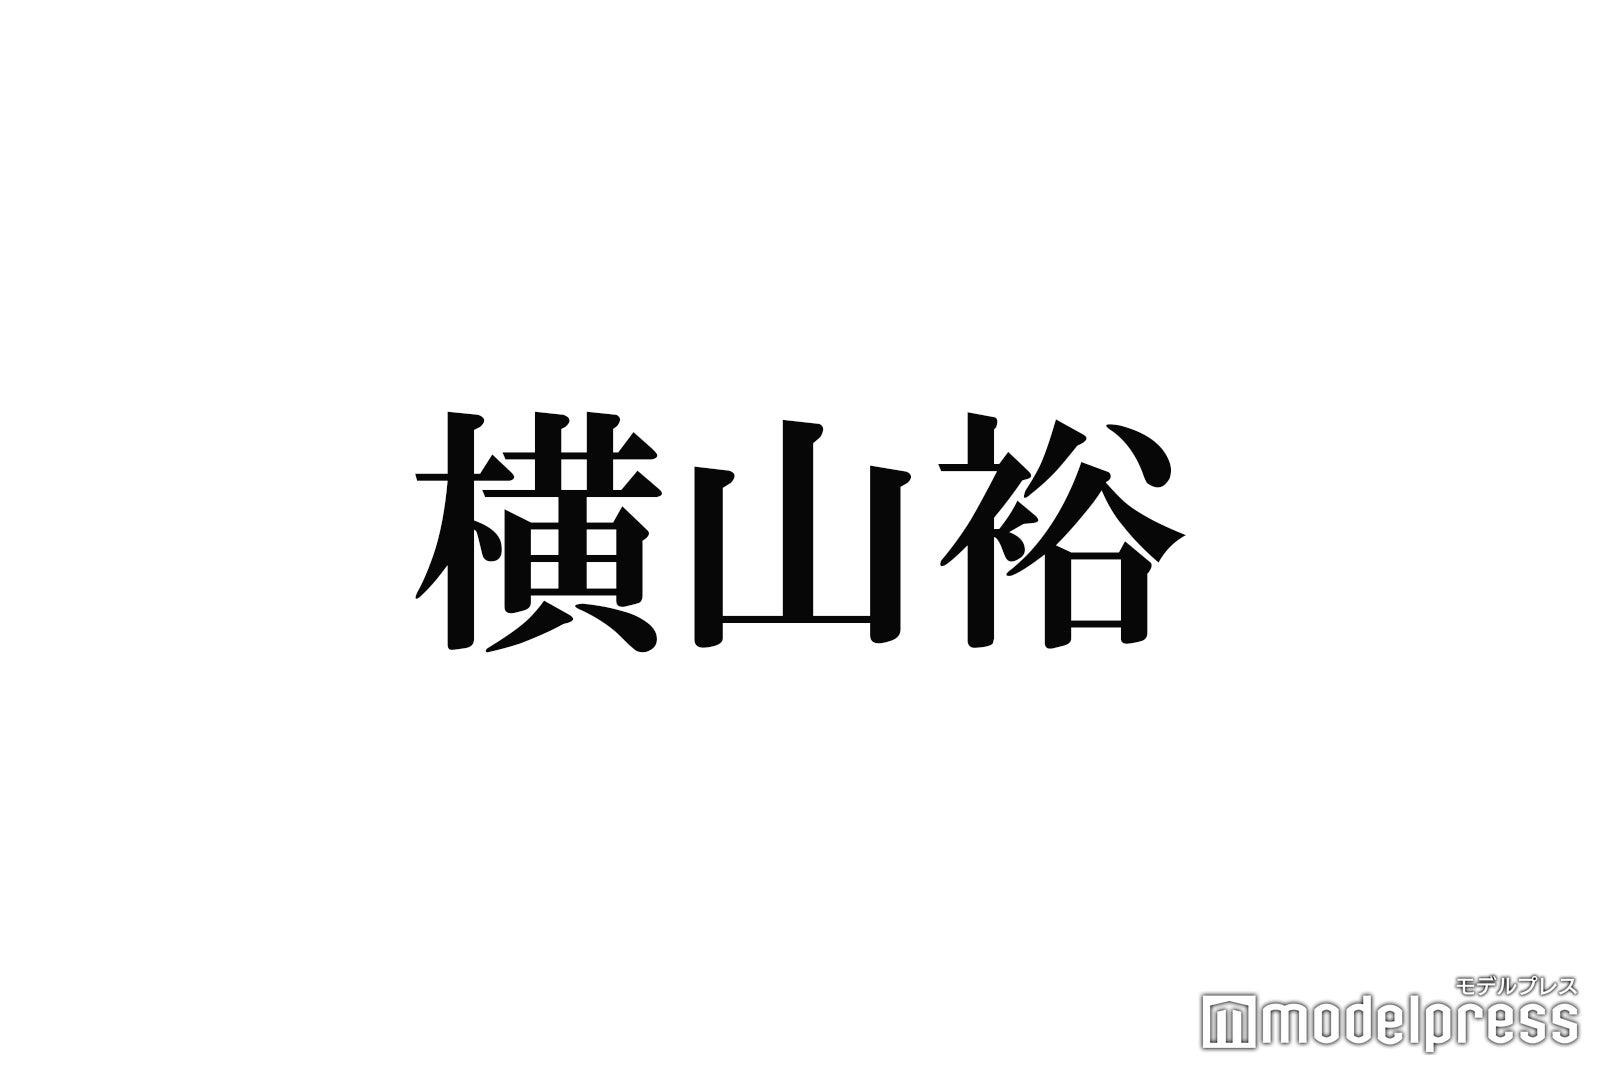 """関ジャニ∞の横山裕「タピオカ横山ミルクティー」に""""改名"""" ジャニーズWEST中間淳太も巻き込まれる"""